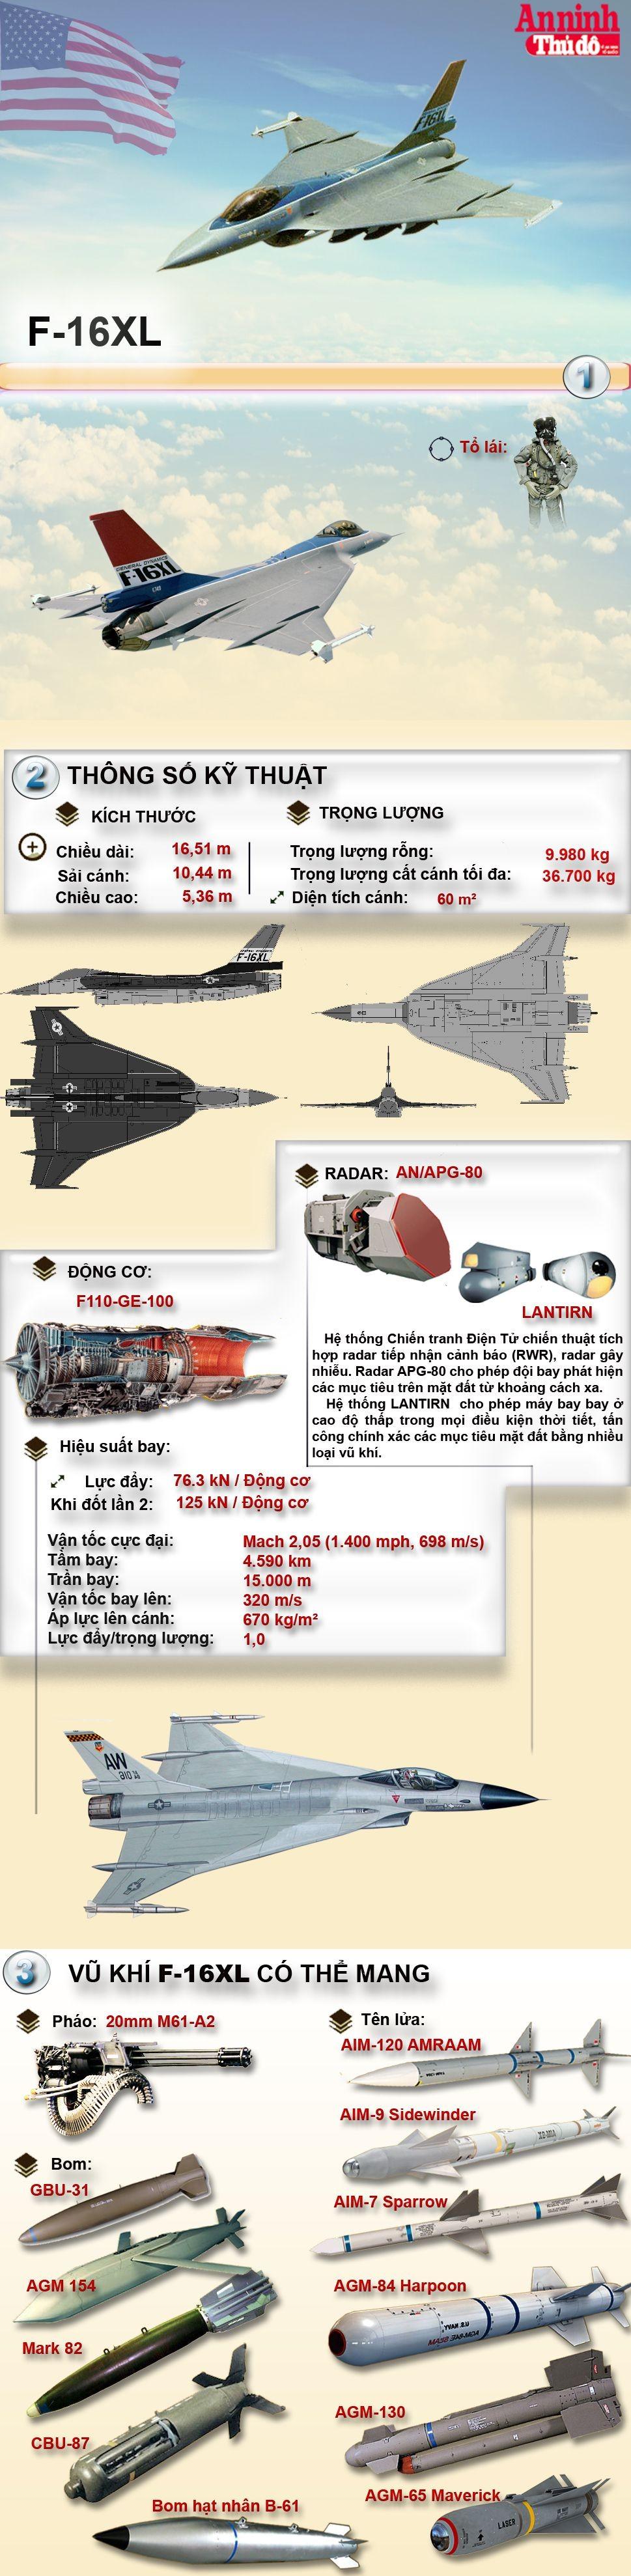 [Infographic] F-16XL - Phiên bản siêu cường kích của F-16